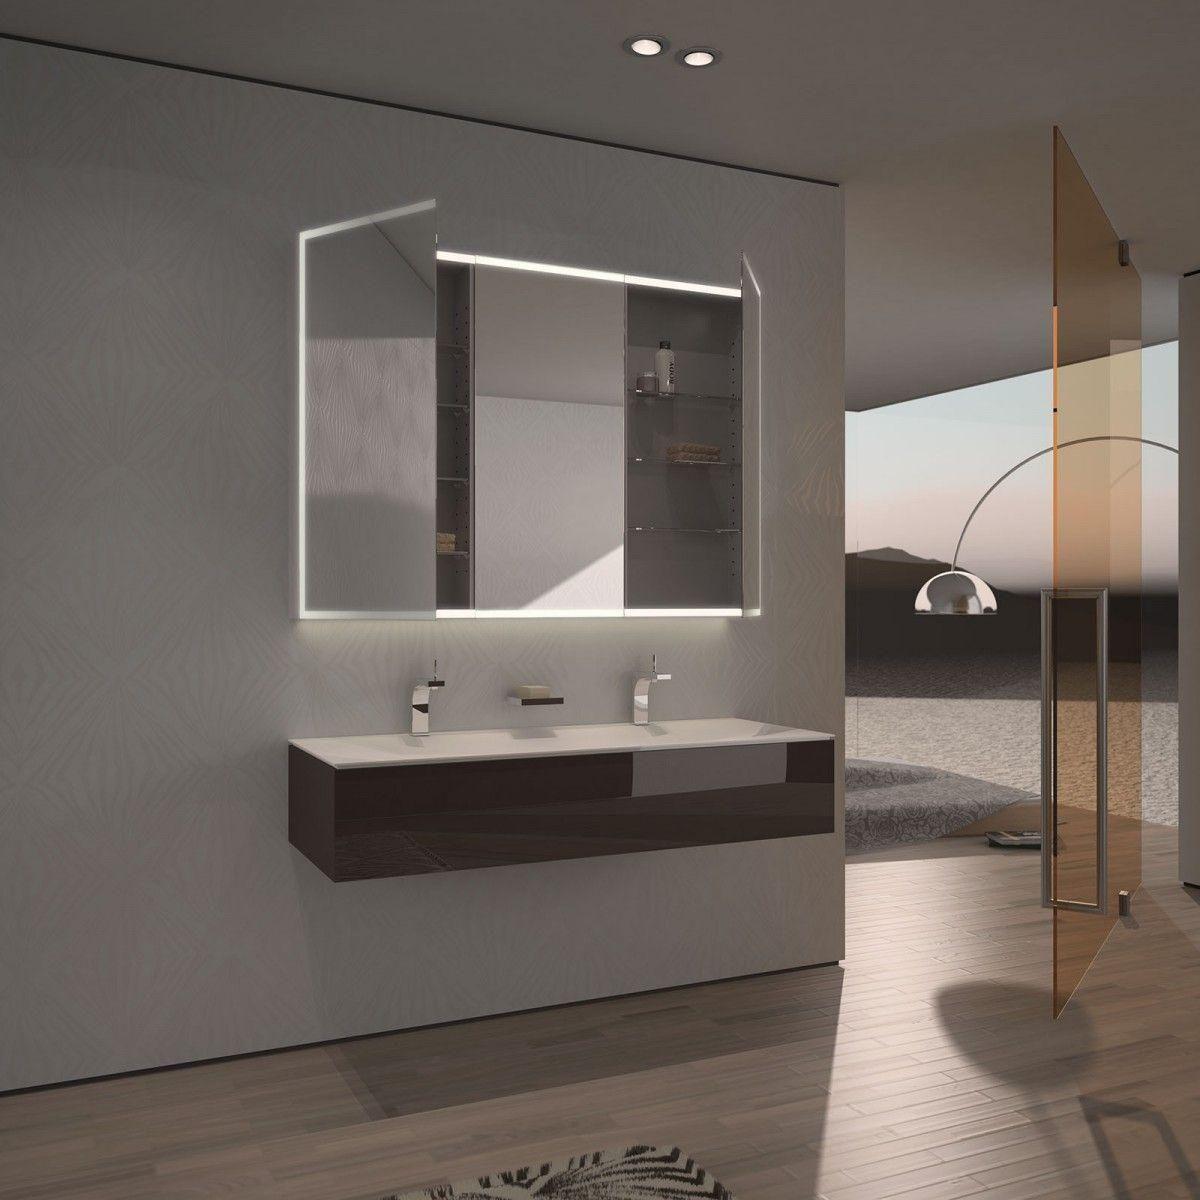 Spiegelschrank 120 Cm Aluminium Badschranke Set Badschrank Schmal Badmobel Venezia Landhaus Weiss B Spiegelschrank Spiegelschrank 120 Cm Led Beleuchtung